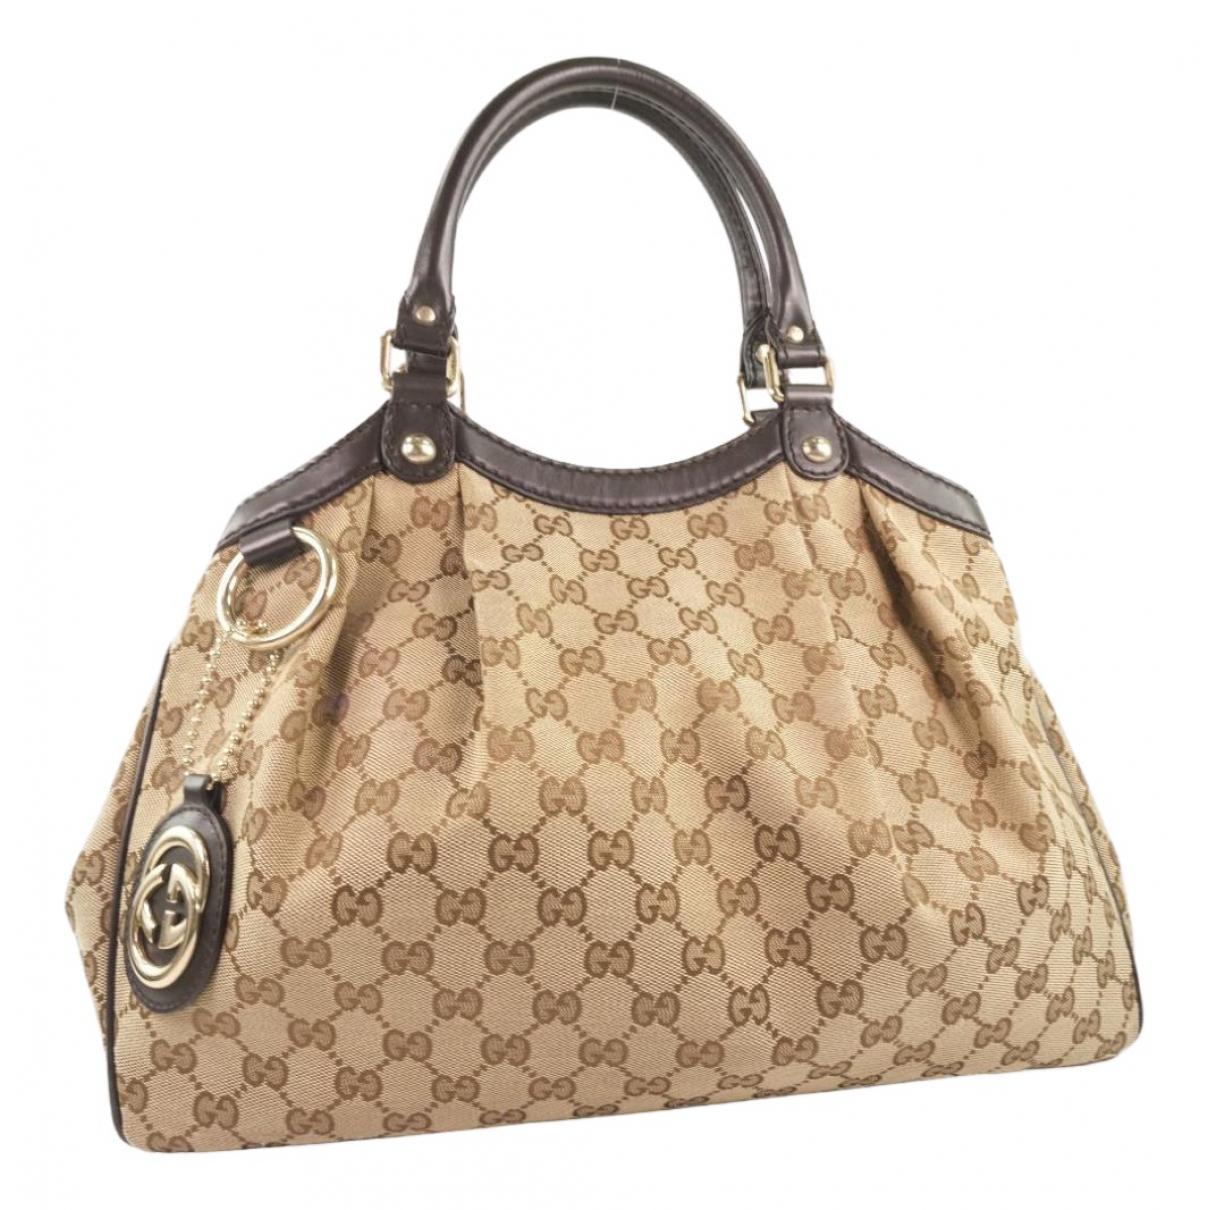 Gucci - Sac a main Sukey pour femme en toile - beige